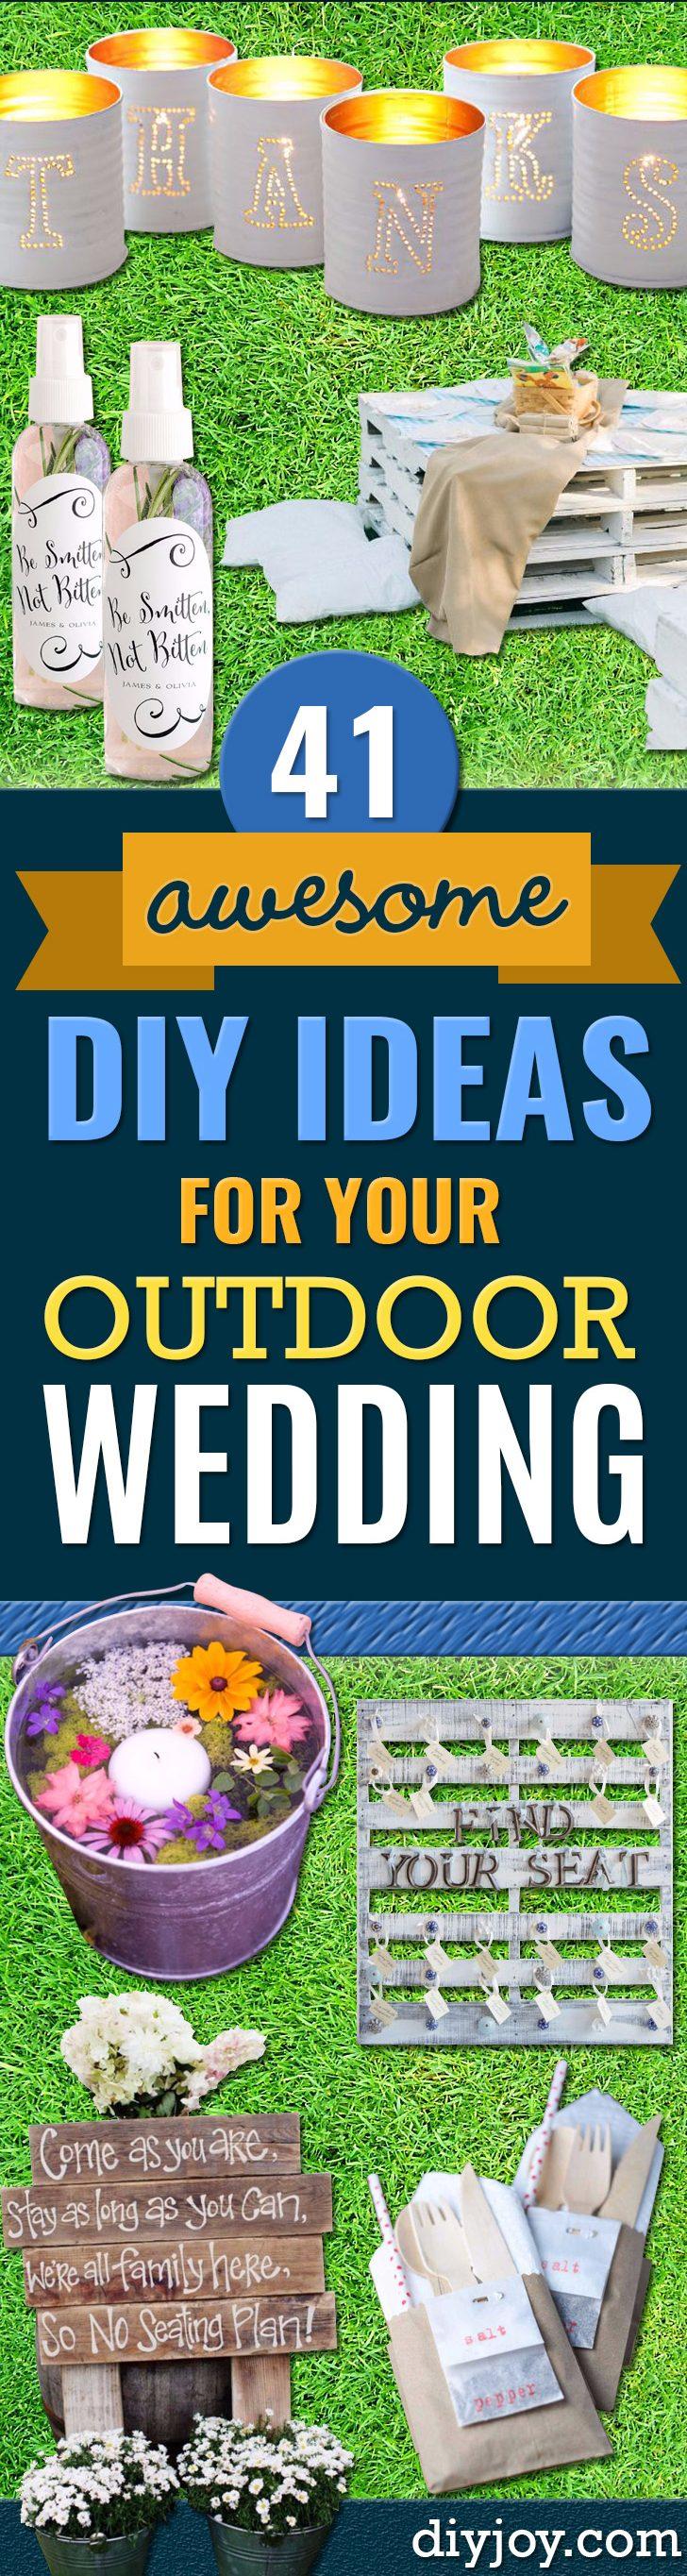 41 DIY Ideas for An Outdoor Wedding